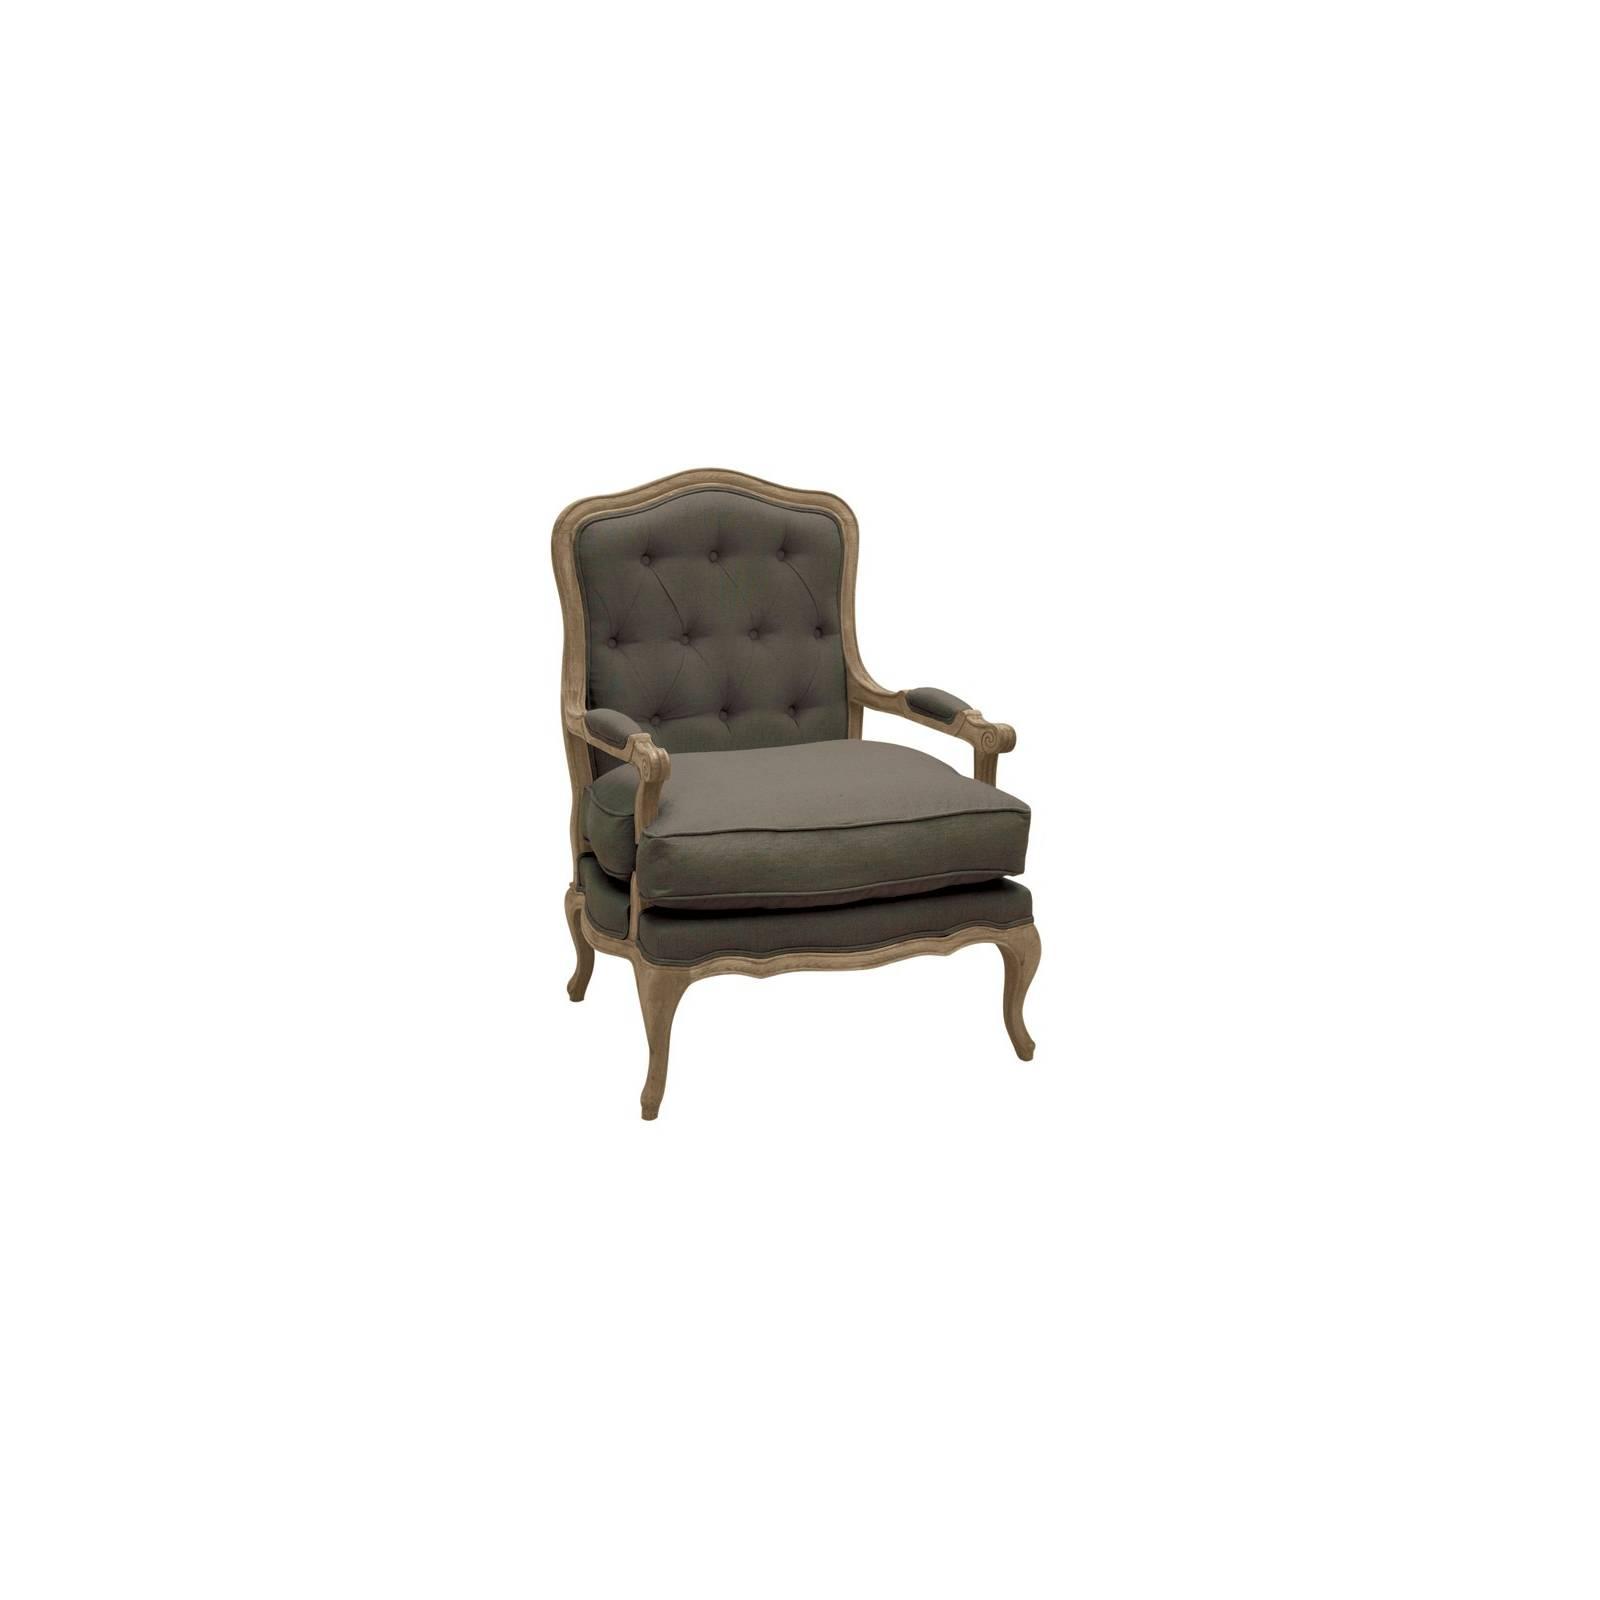 Fauteuil Louise Chêne - meuble bois massif